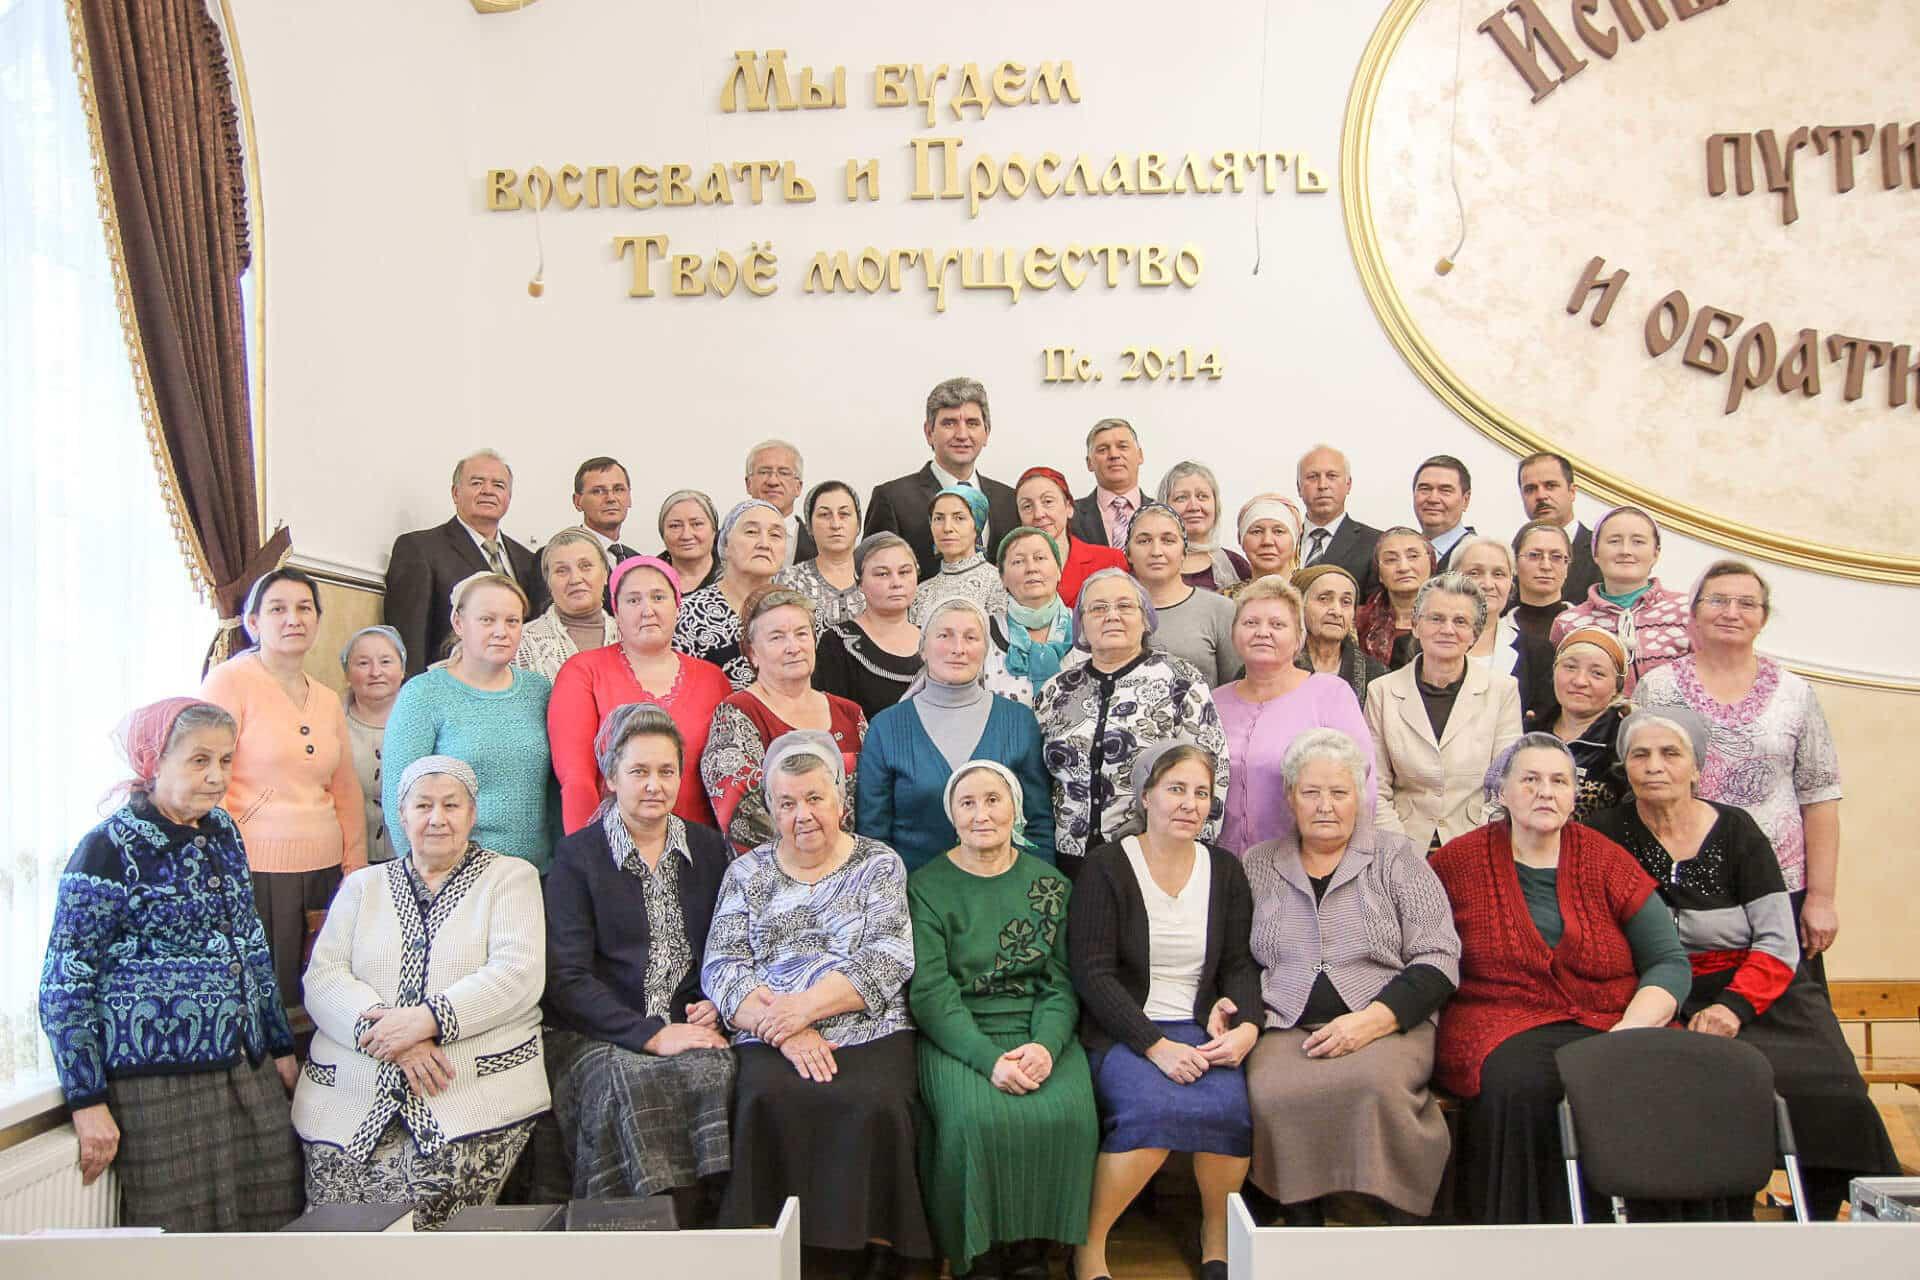 Witwentreffen in Wladikavkaz (Russland)